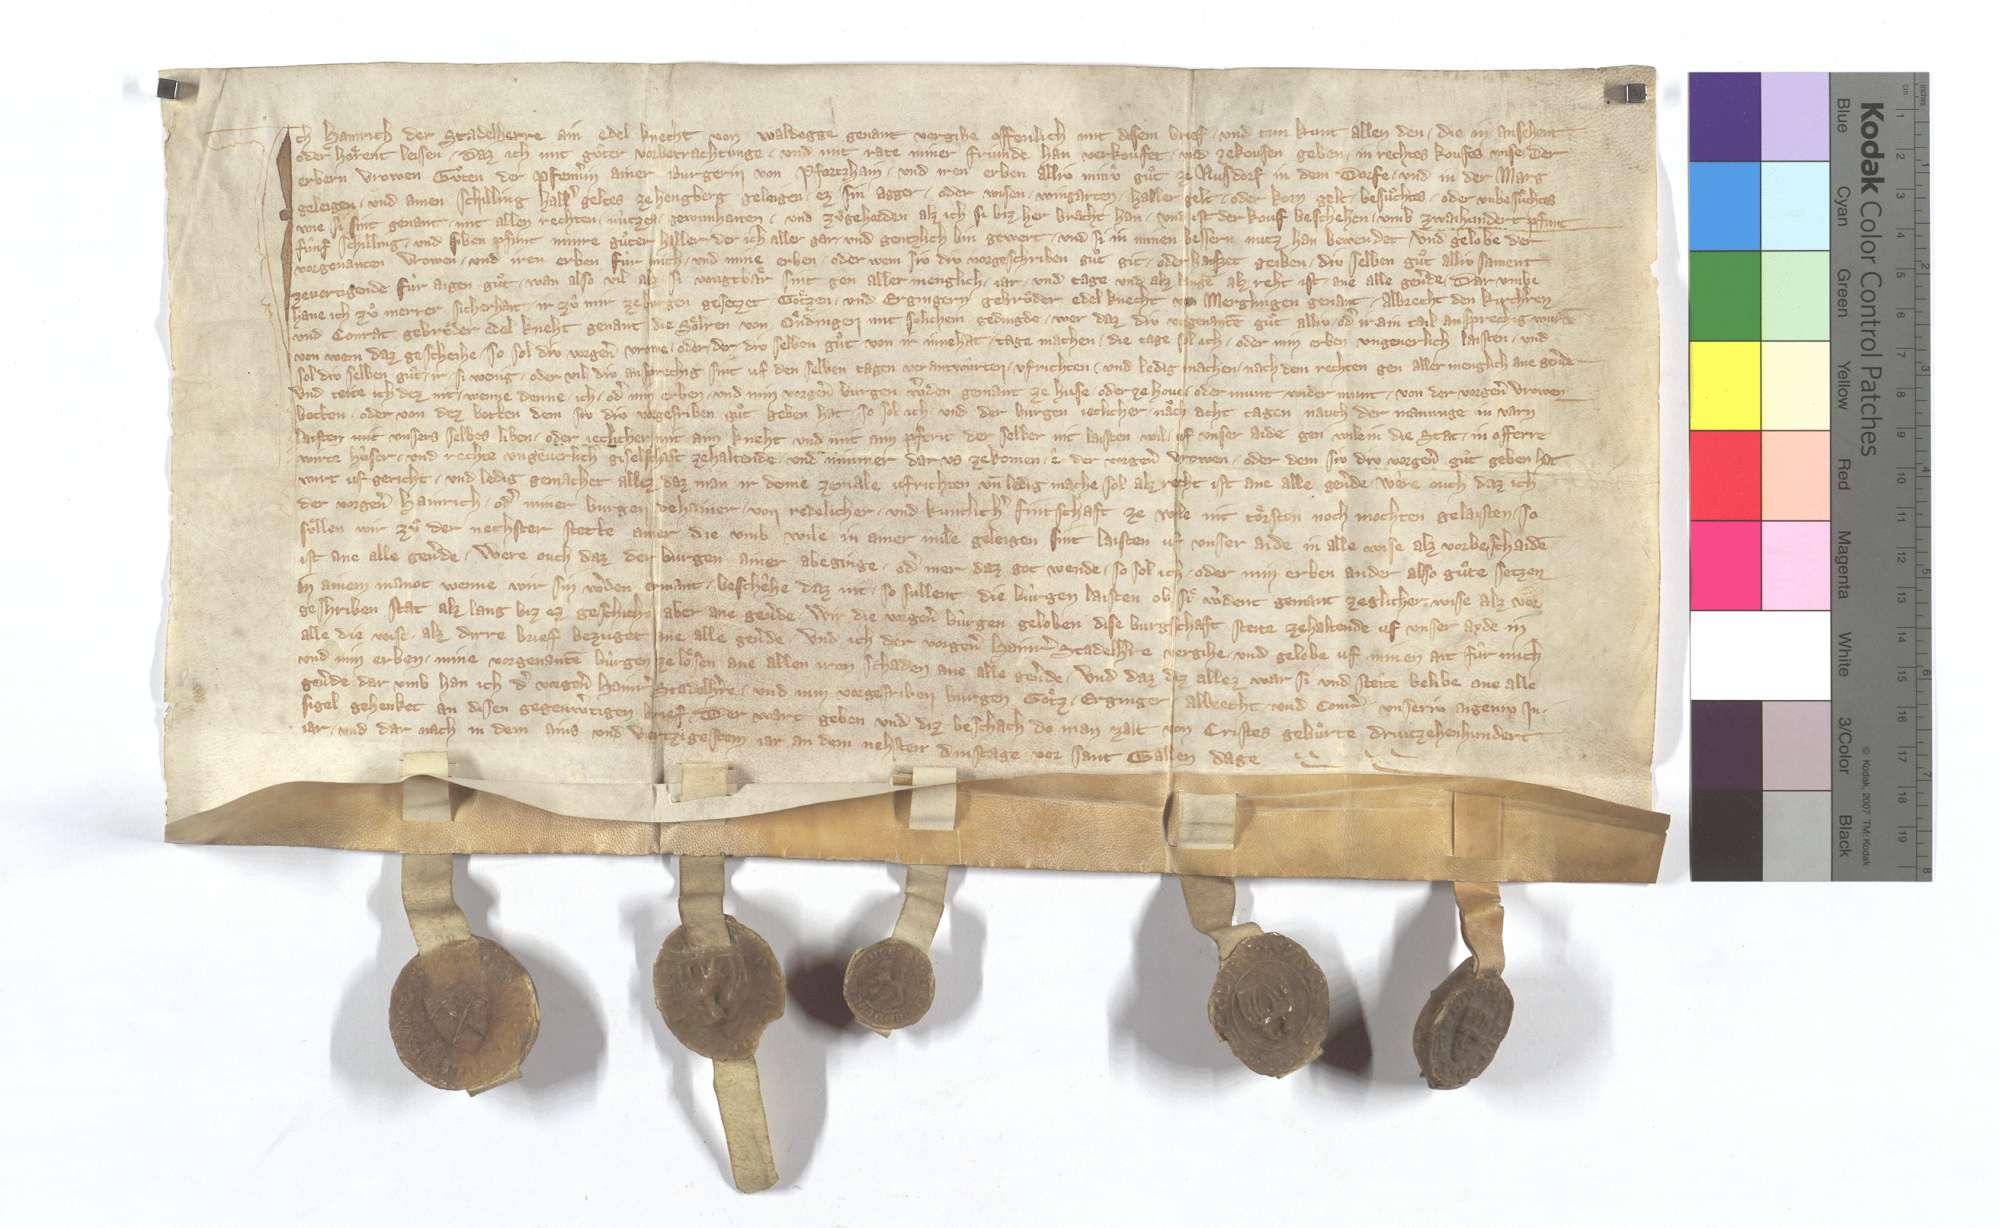 Heinrich der Stadelherr, genannt von Waldeck (Waldegge), verkauft all sein Gut in Nußdorf an Gutha Pfenner (Pfennerin) von Pforzheim., Text